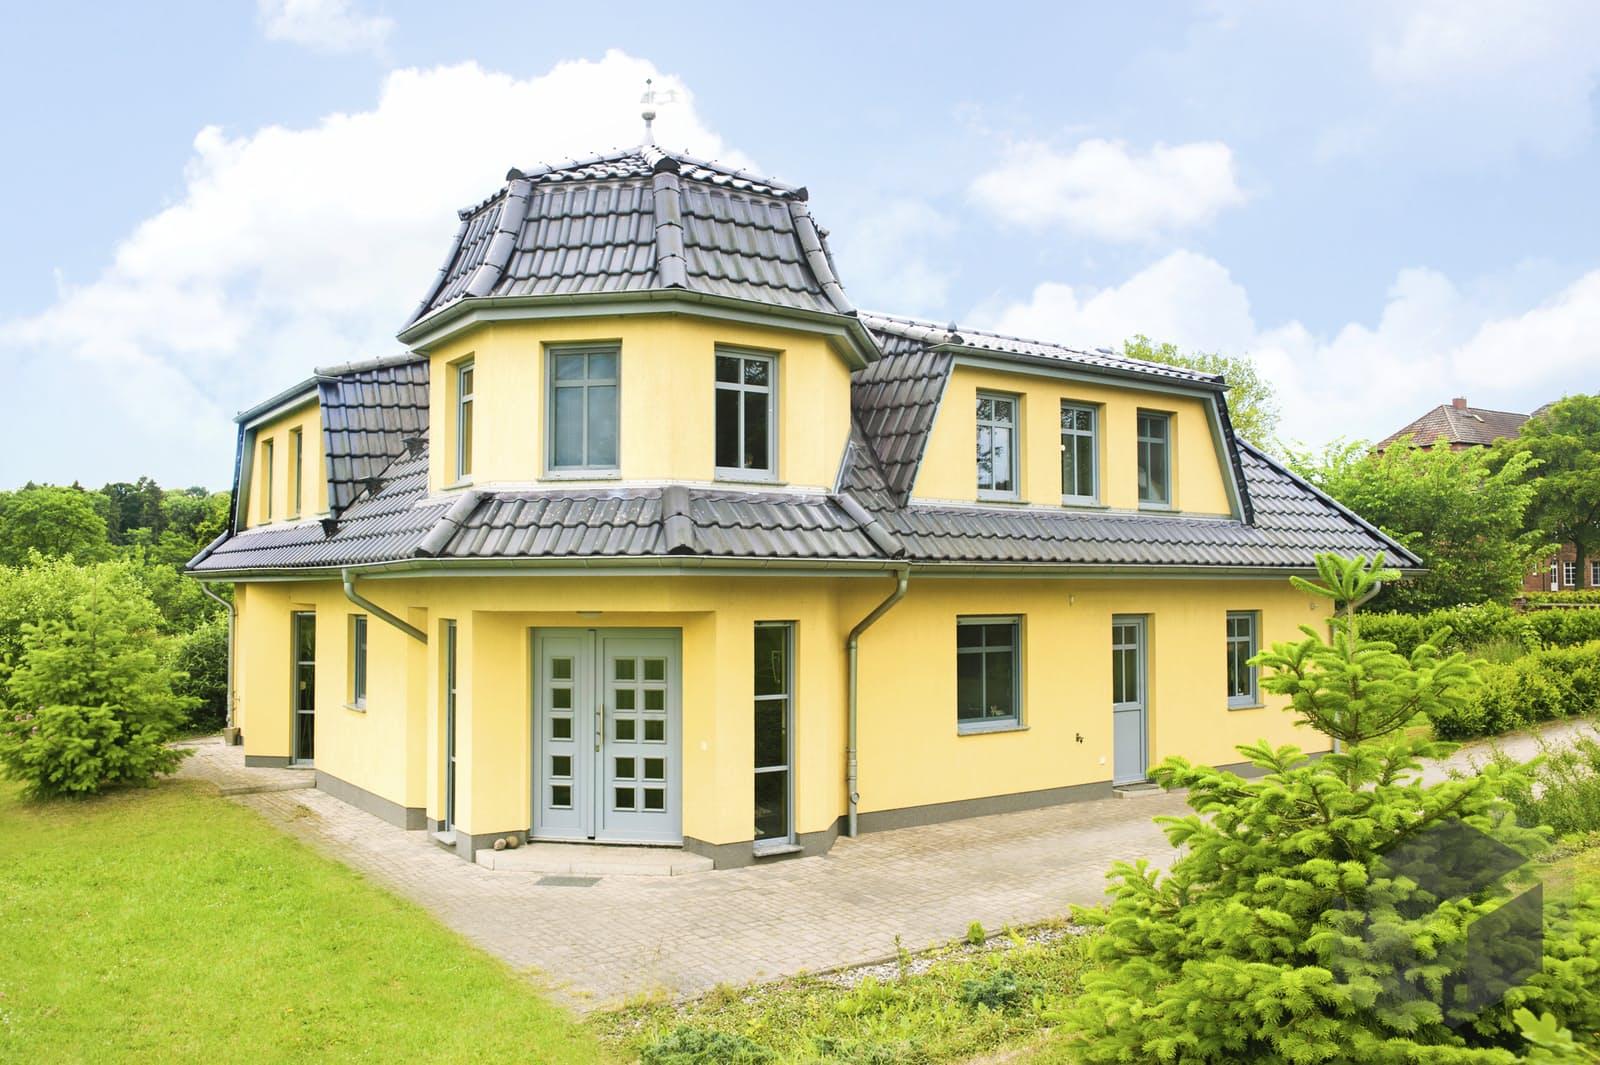 Modell 1 218 inactive von Elbe Haus